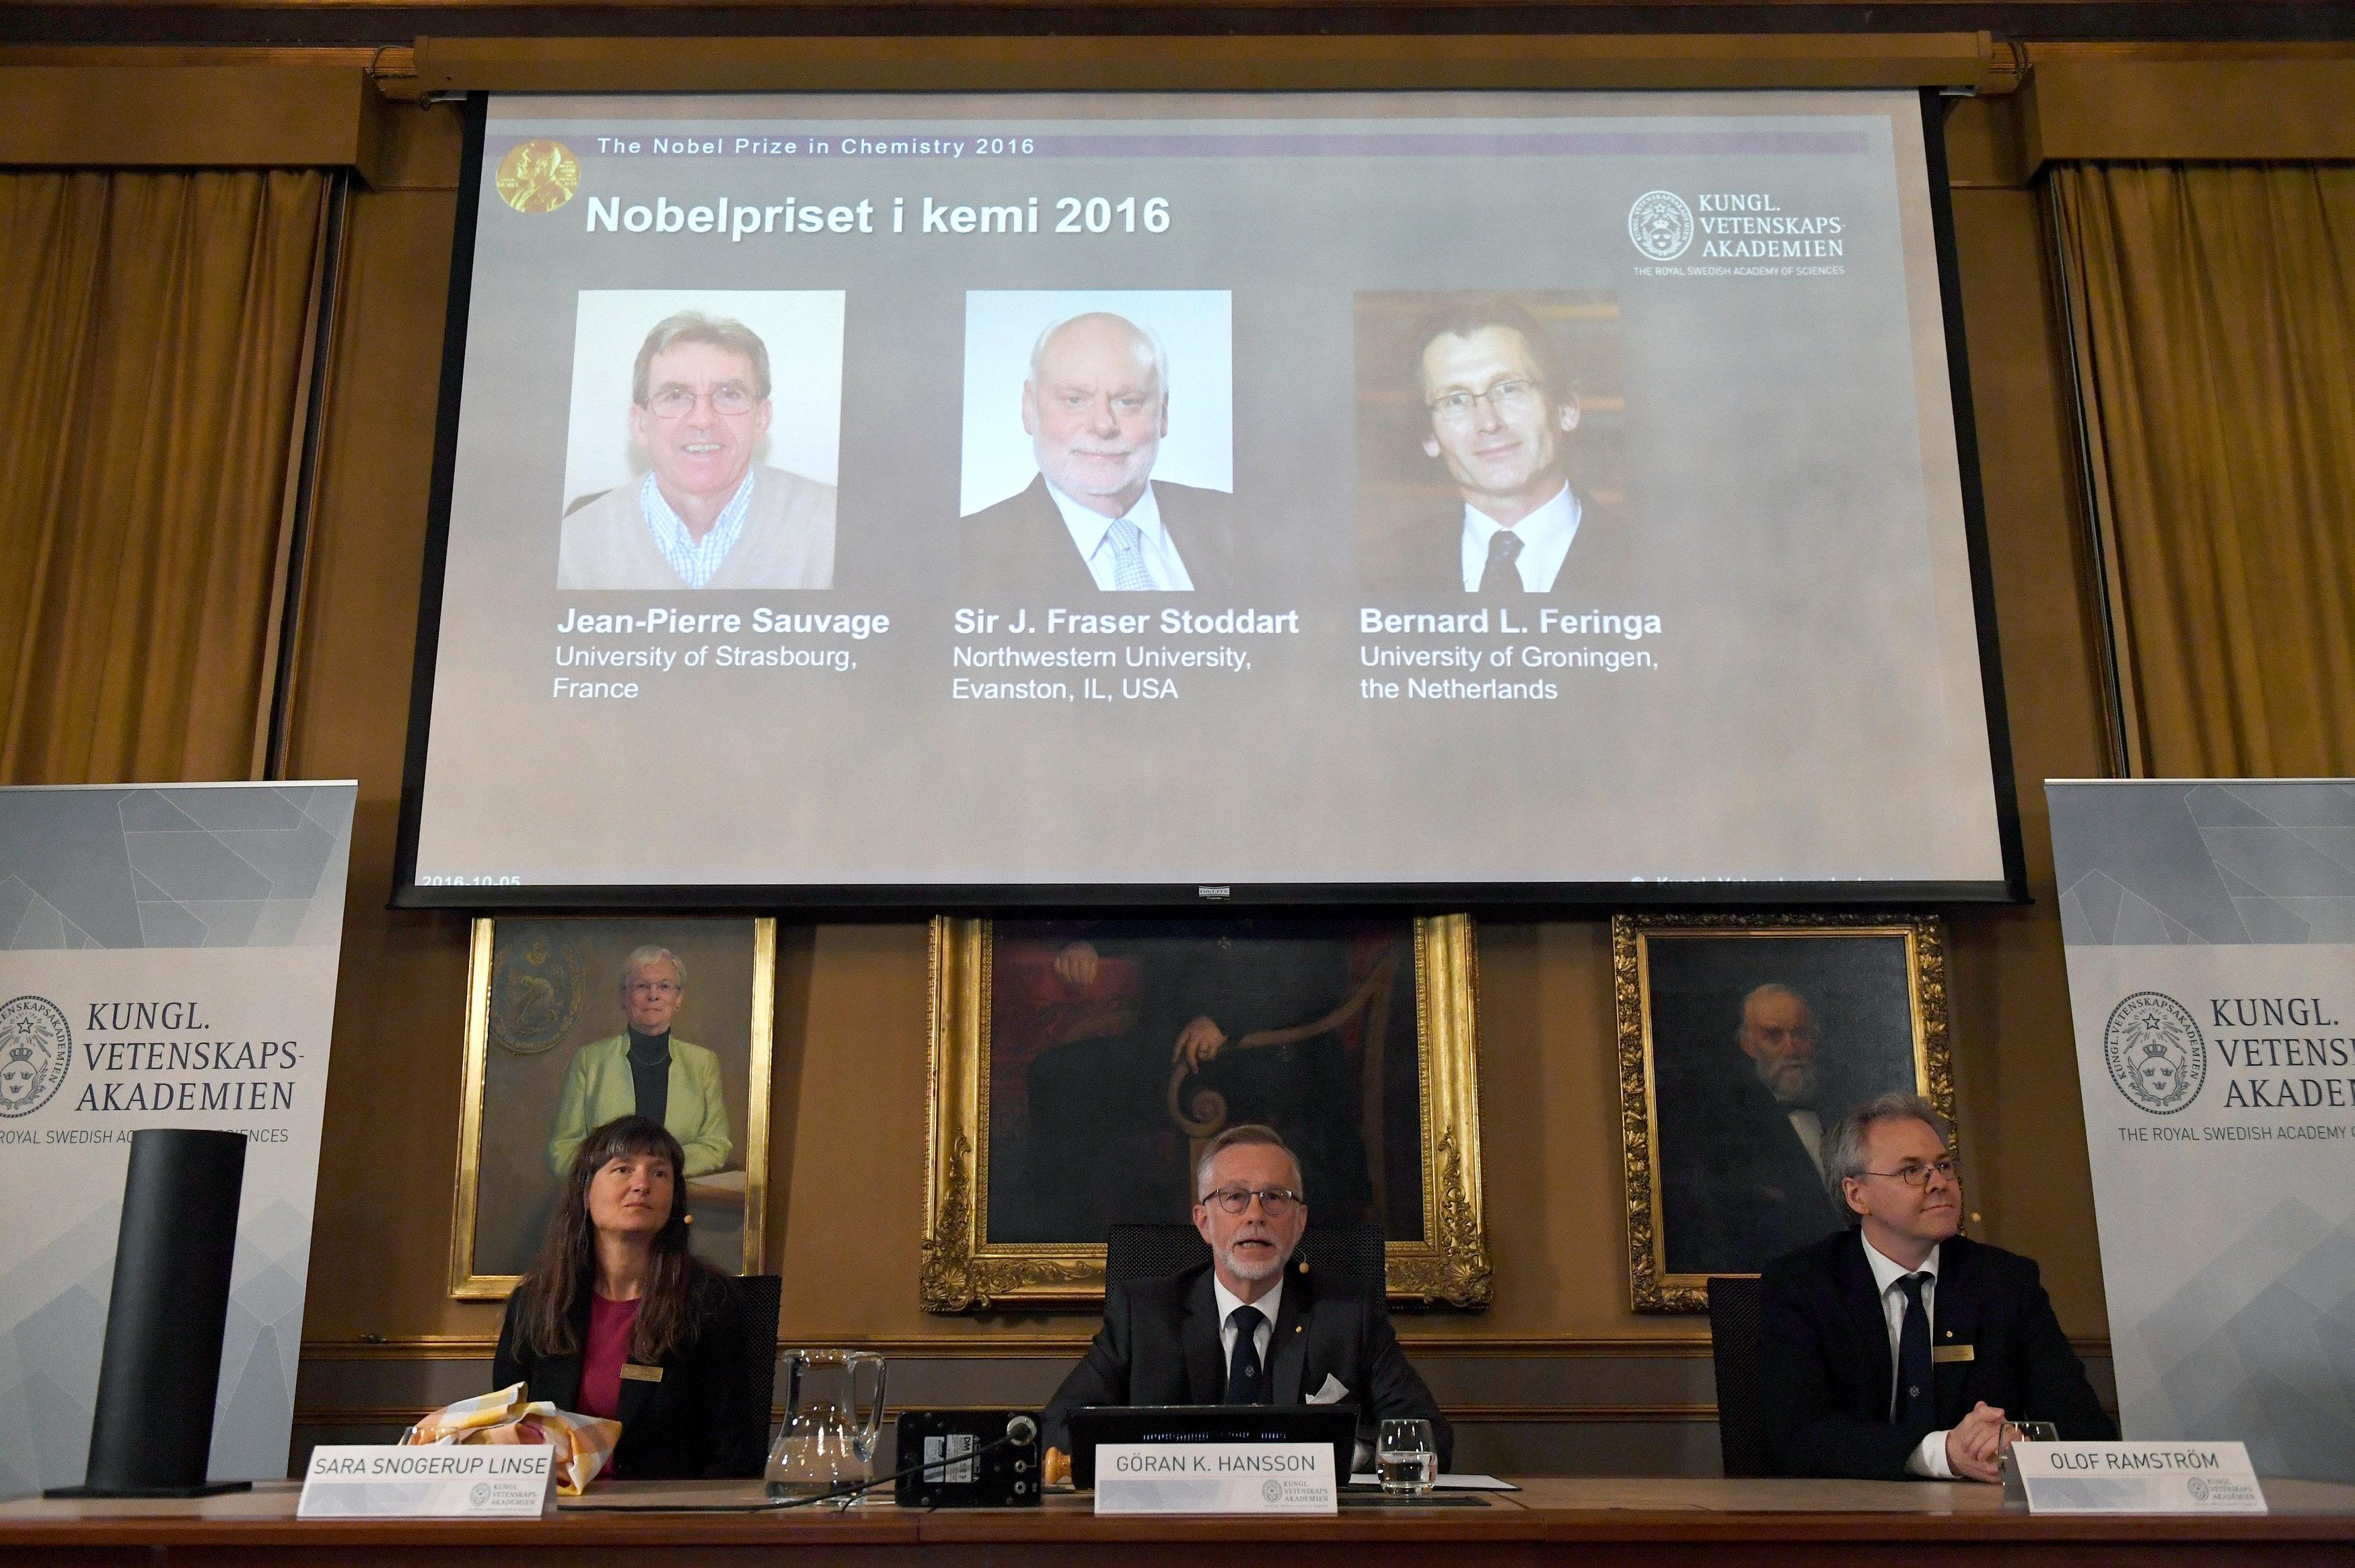 Снимки лауреатов Нобелевской премии 2016 года по химии на экране во время пресс-конференции  в Стокгольме